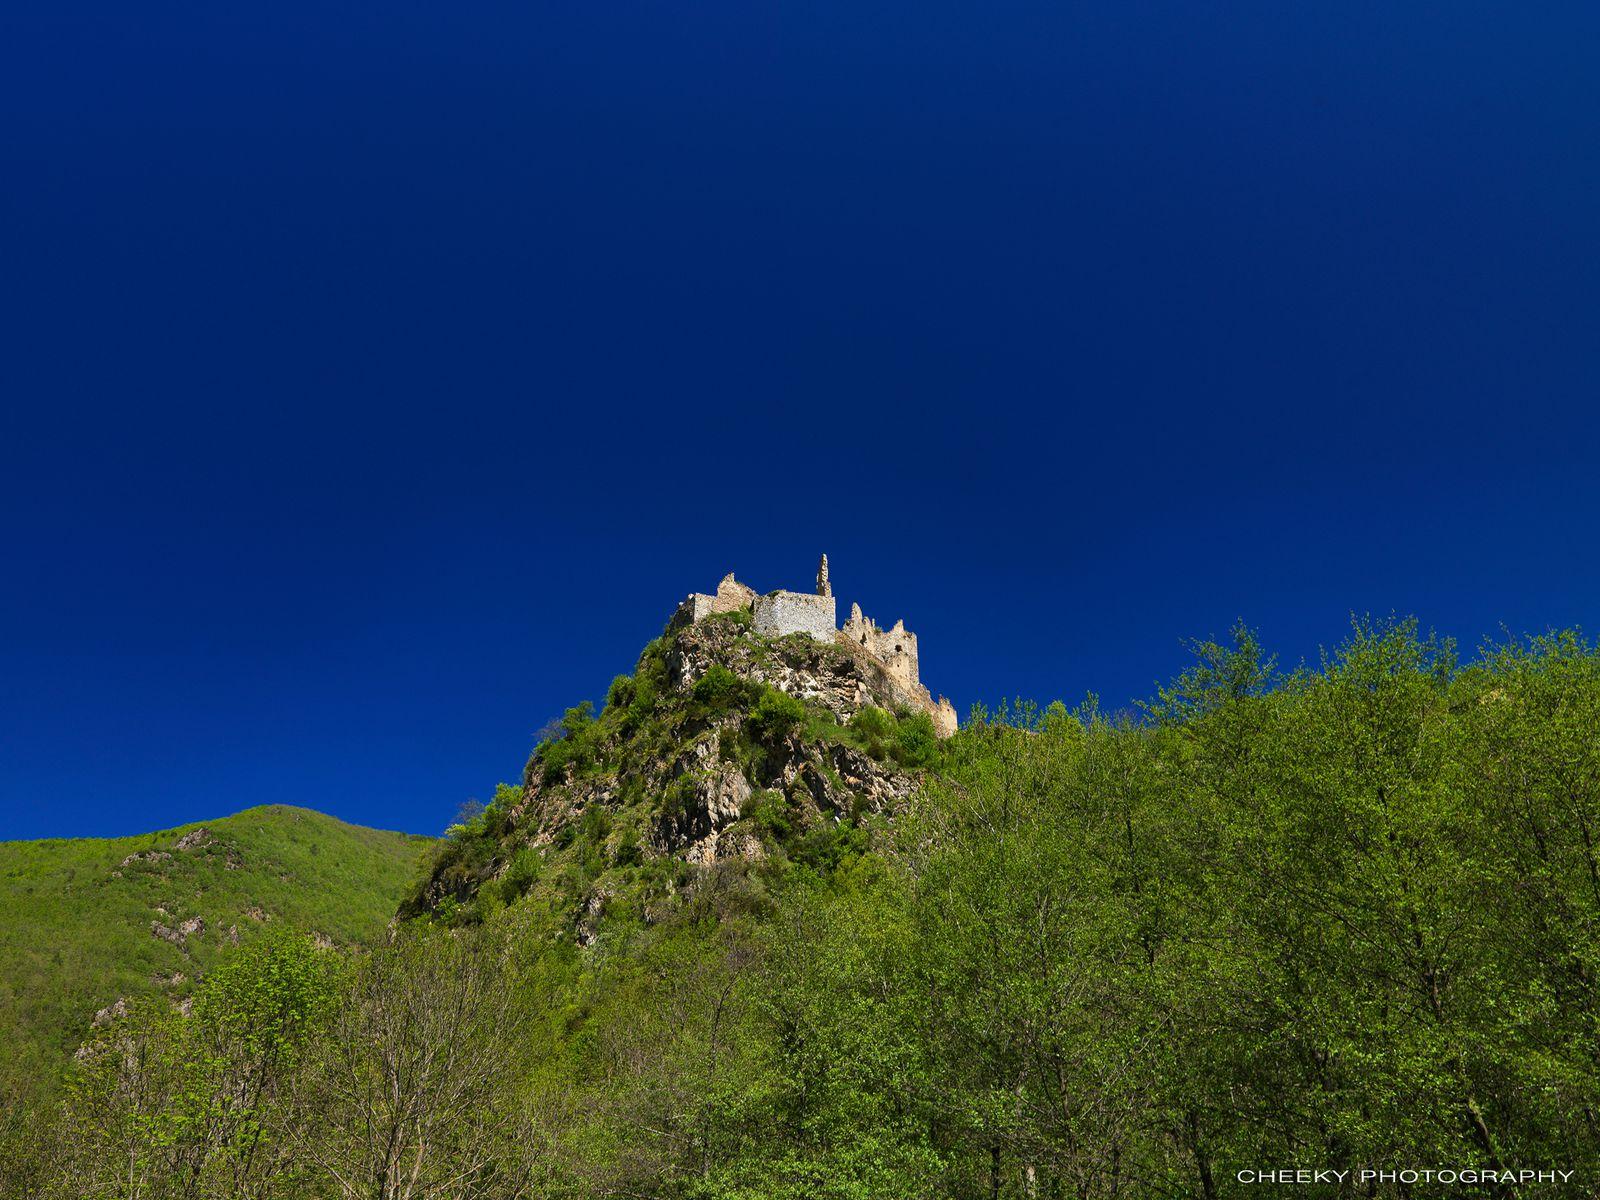 Les ruines du Chateau d'Usson (Ariège) - Un verrou sur le Donezan, donnant l'accès à la vallée de l'Ariège.